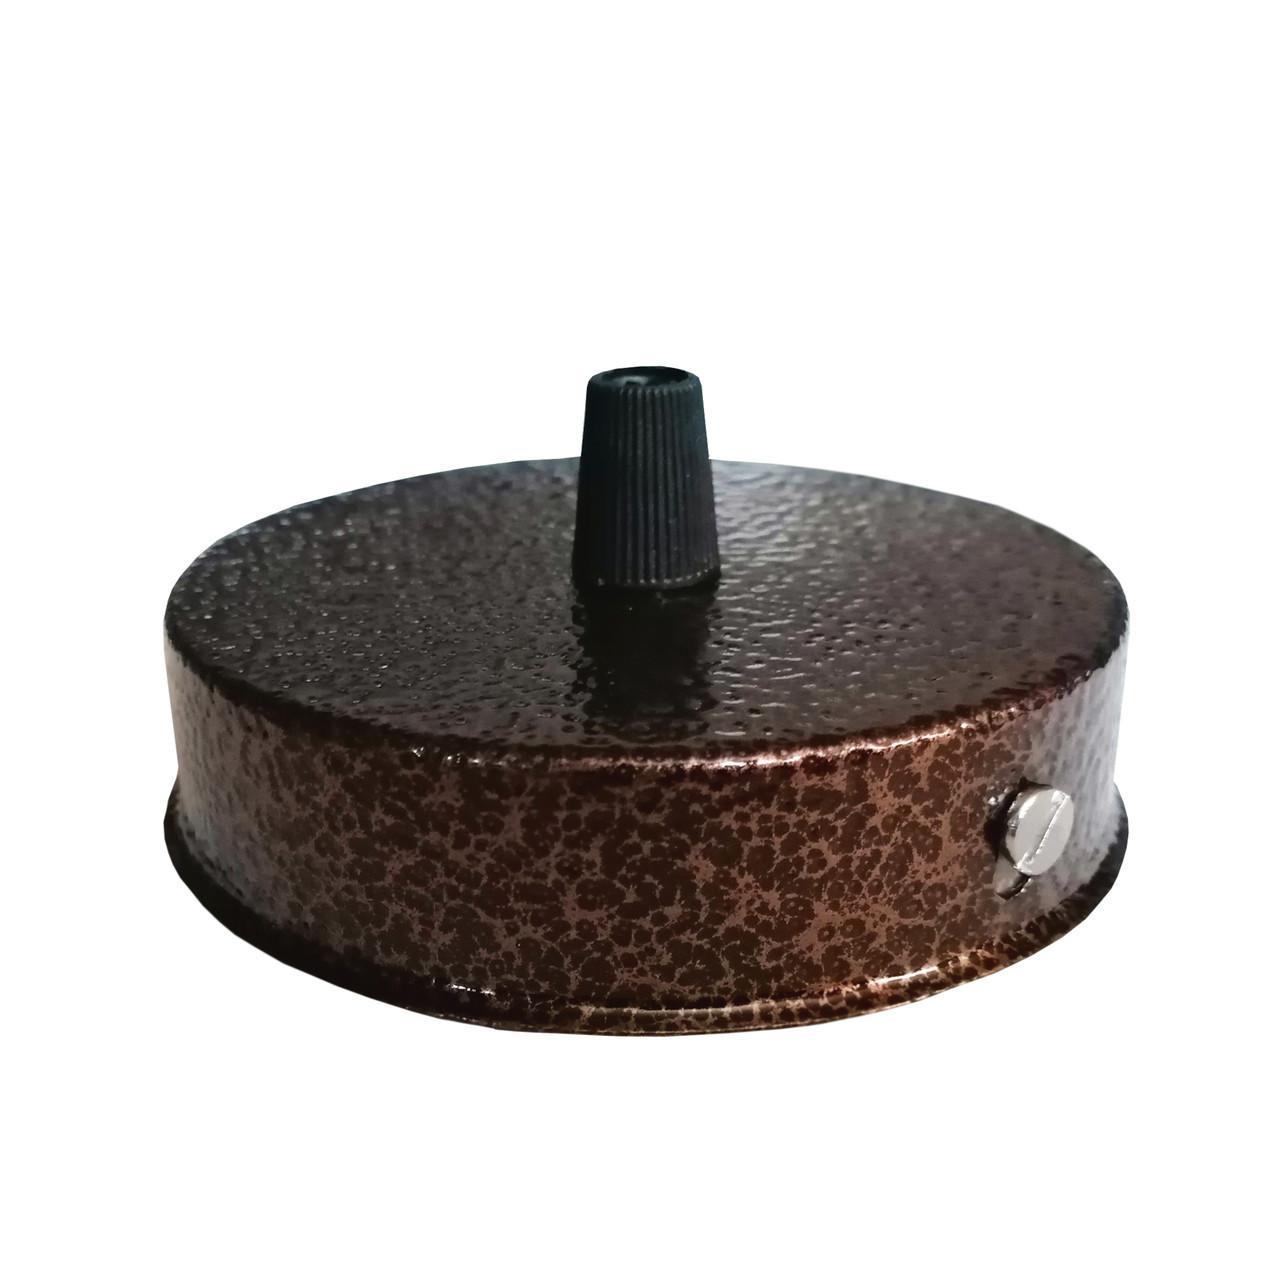 Комплект для монтажа люстры, монтажная основа для крепления подвесных светильников цвет античная бронза